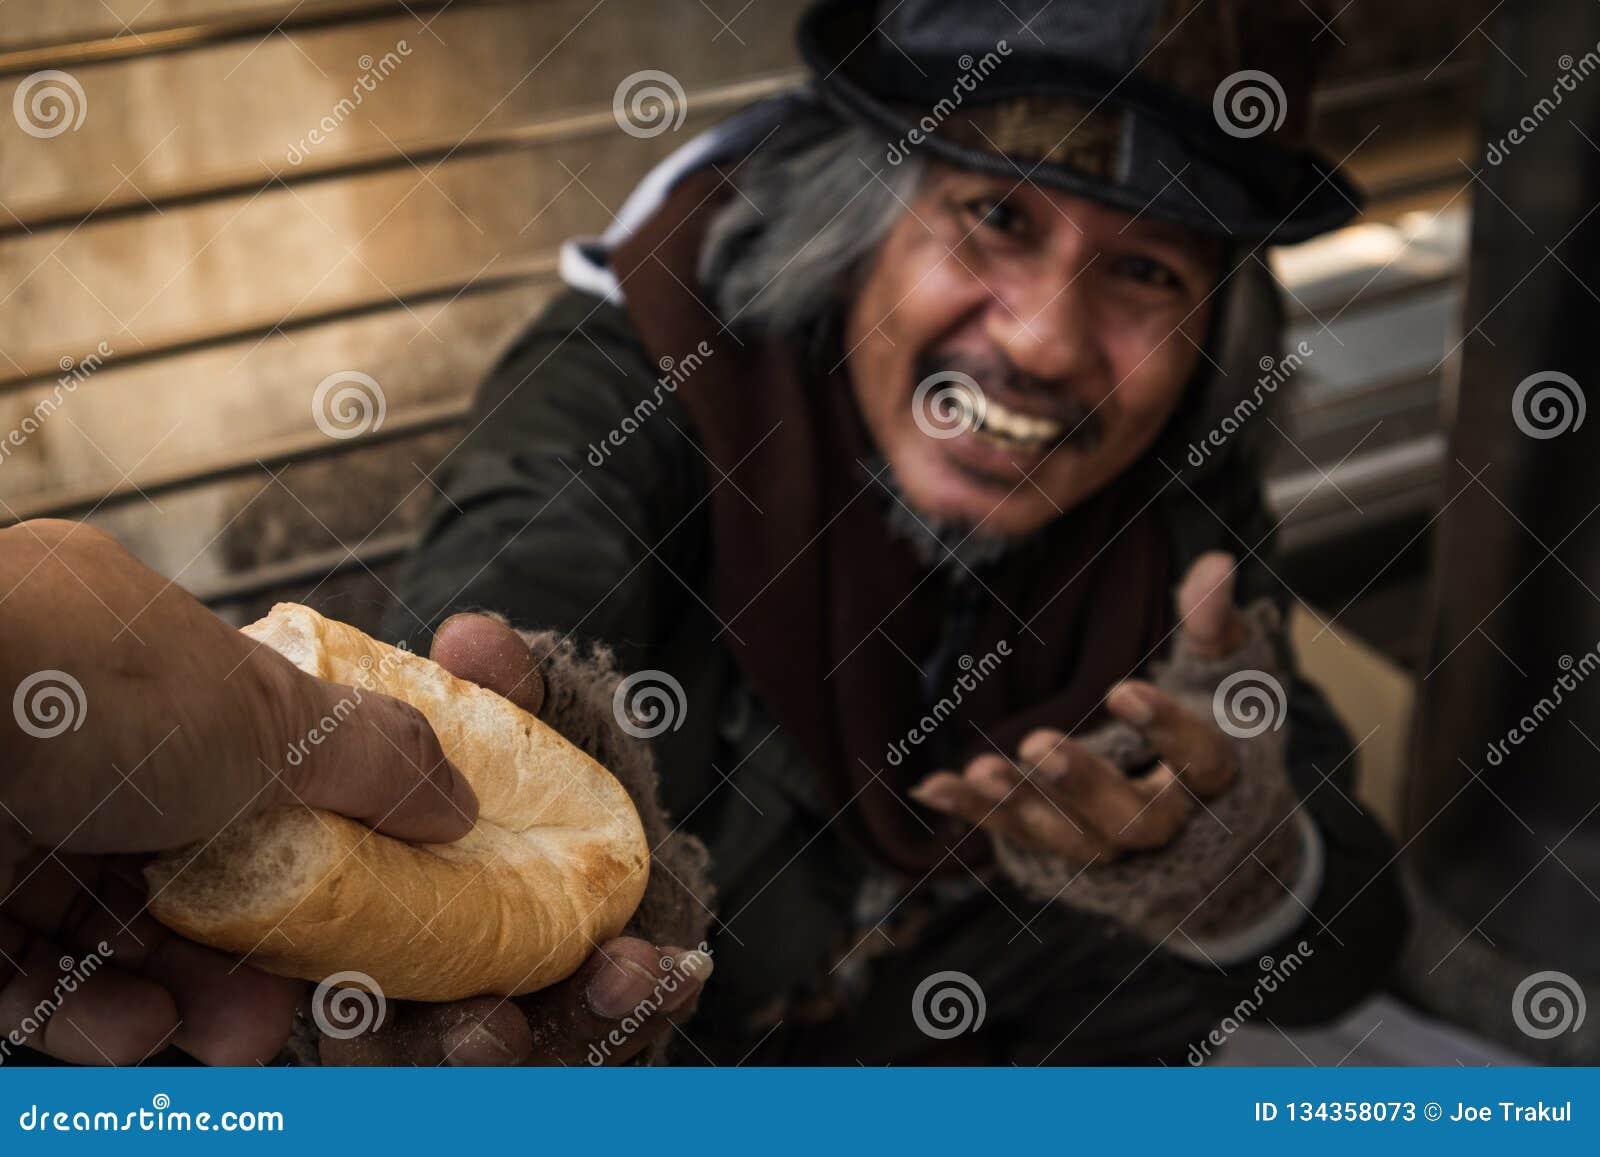 Ręka daje chlebowi lub jedzeniu robić głodnego bezdomnego mężczyzny mieć szczęśliwą twarz